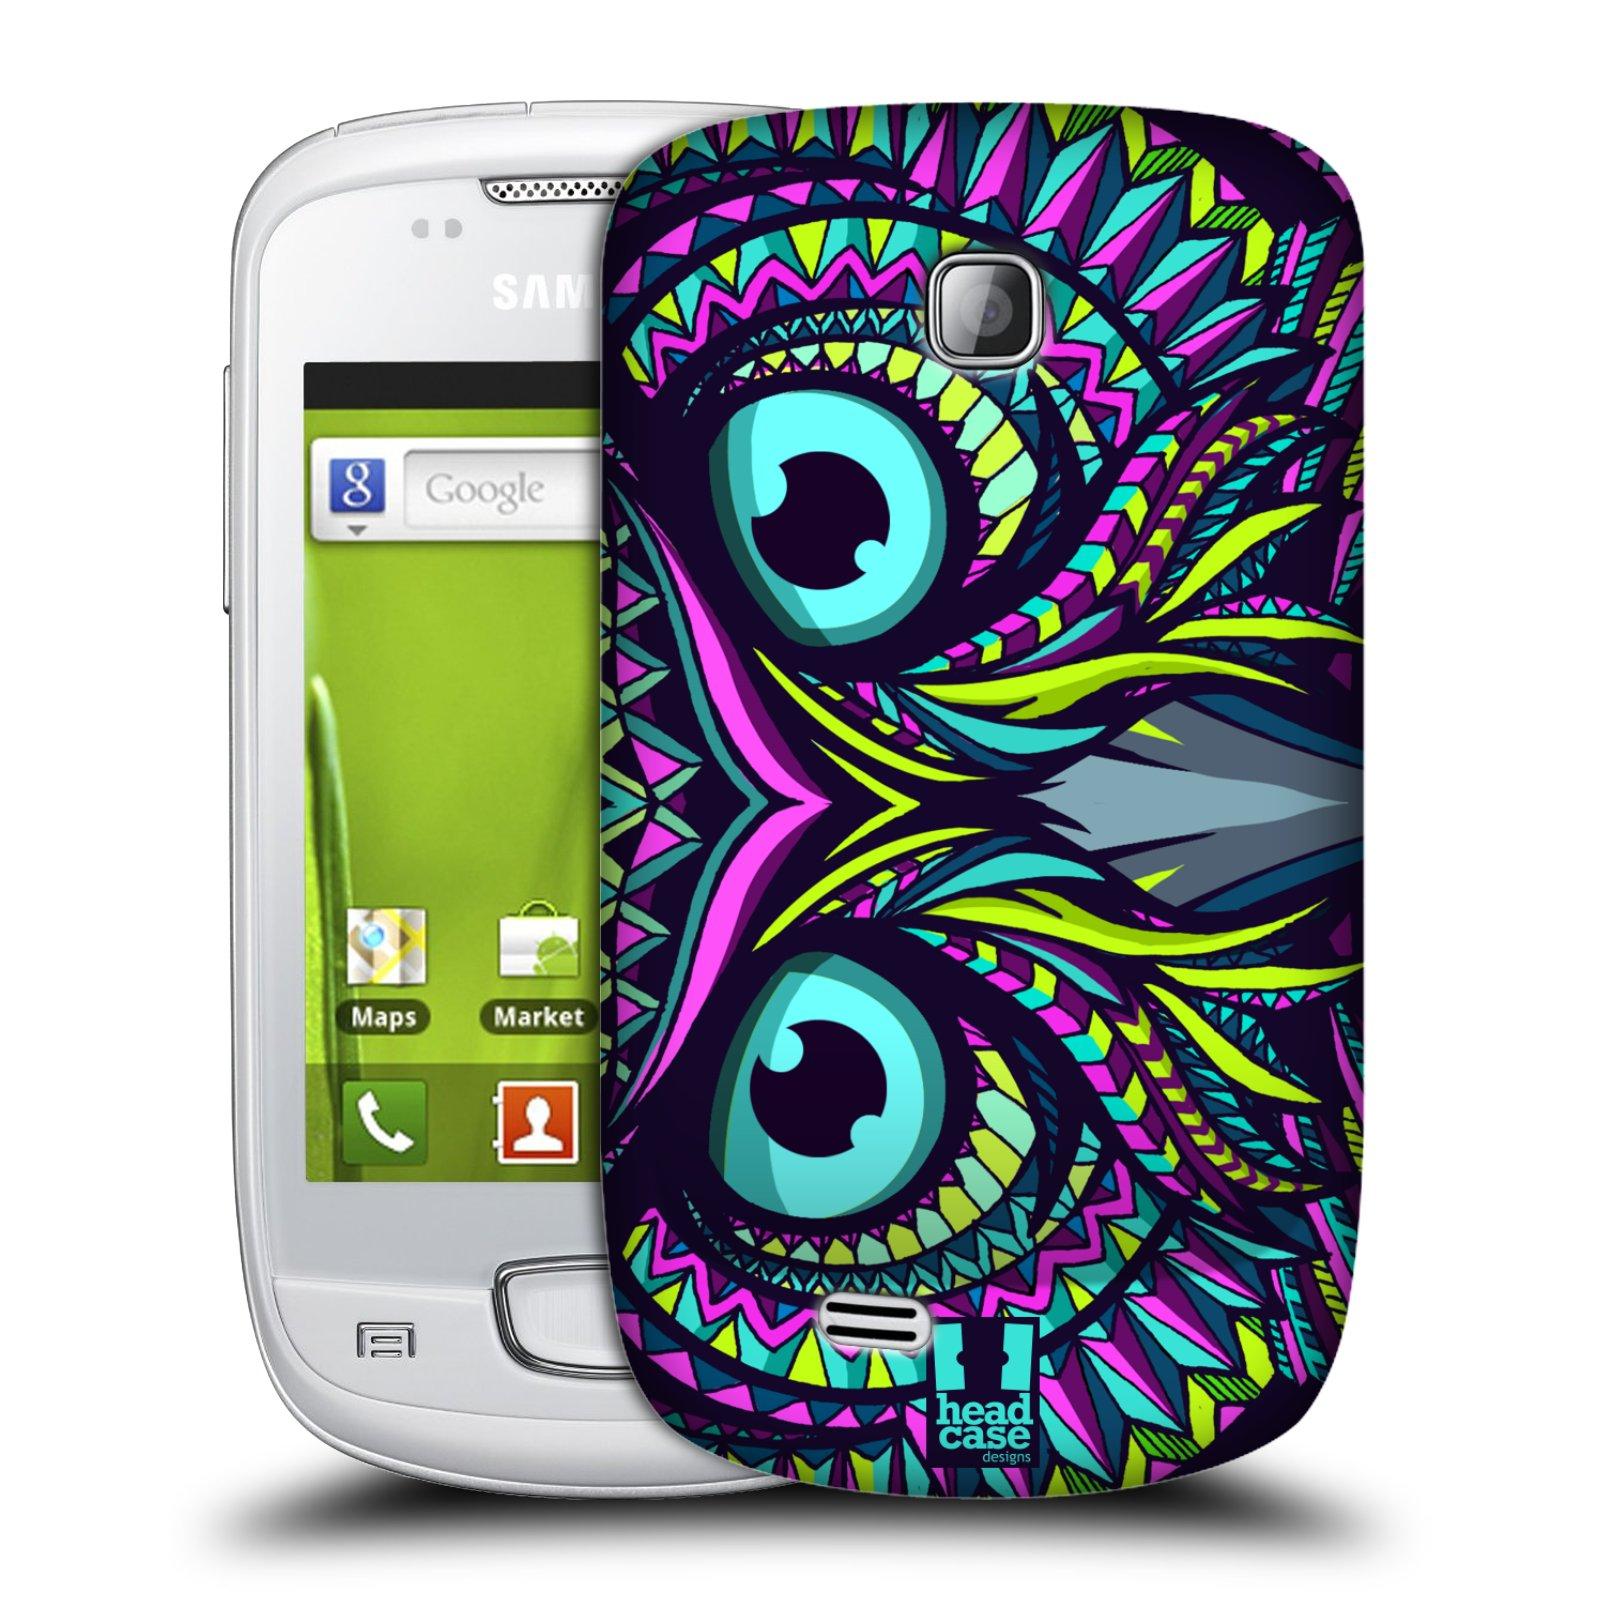 Plastové pouzdro na mobil Samsung Galaxy Mini HEAD CASE AZTEC SOVA (Kryt či obal na mobilní telefon Samsung Galaxy Mini GT-S5570 / GT-S5570i)